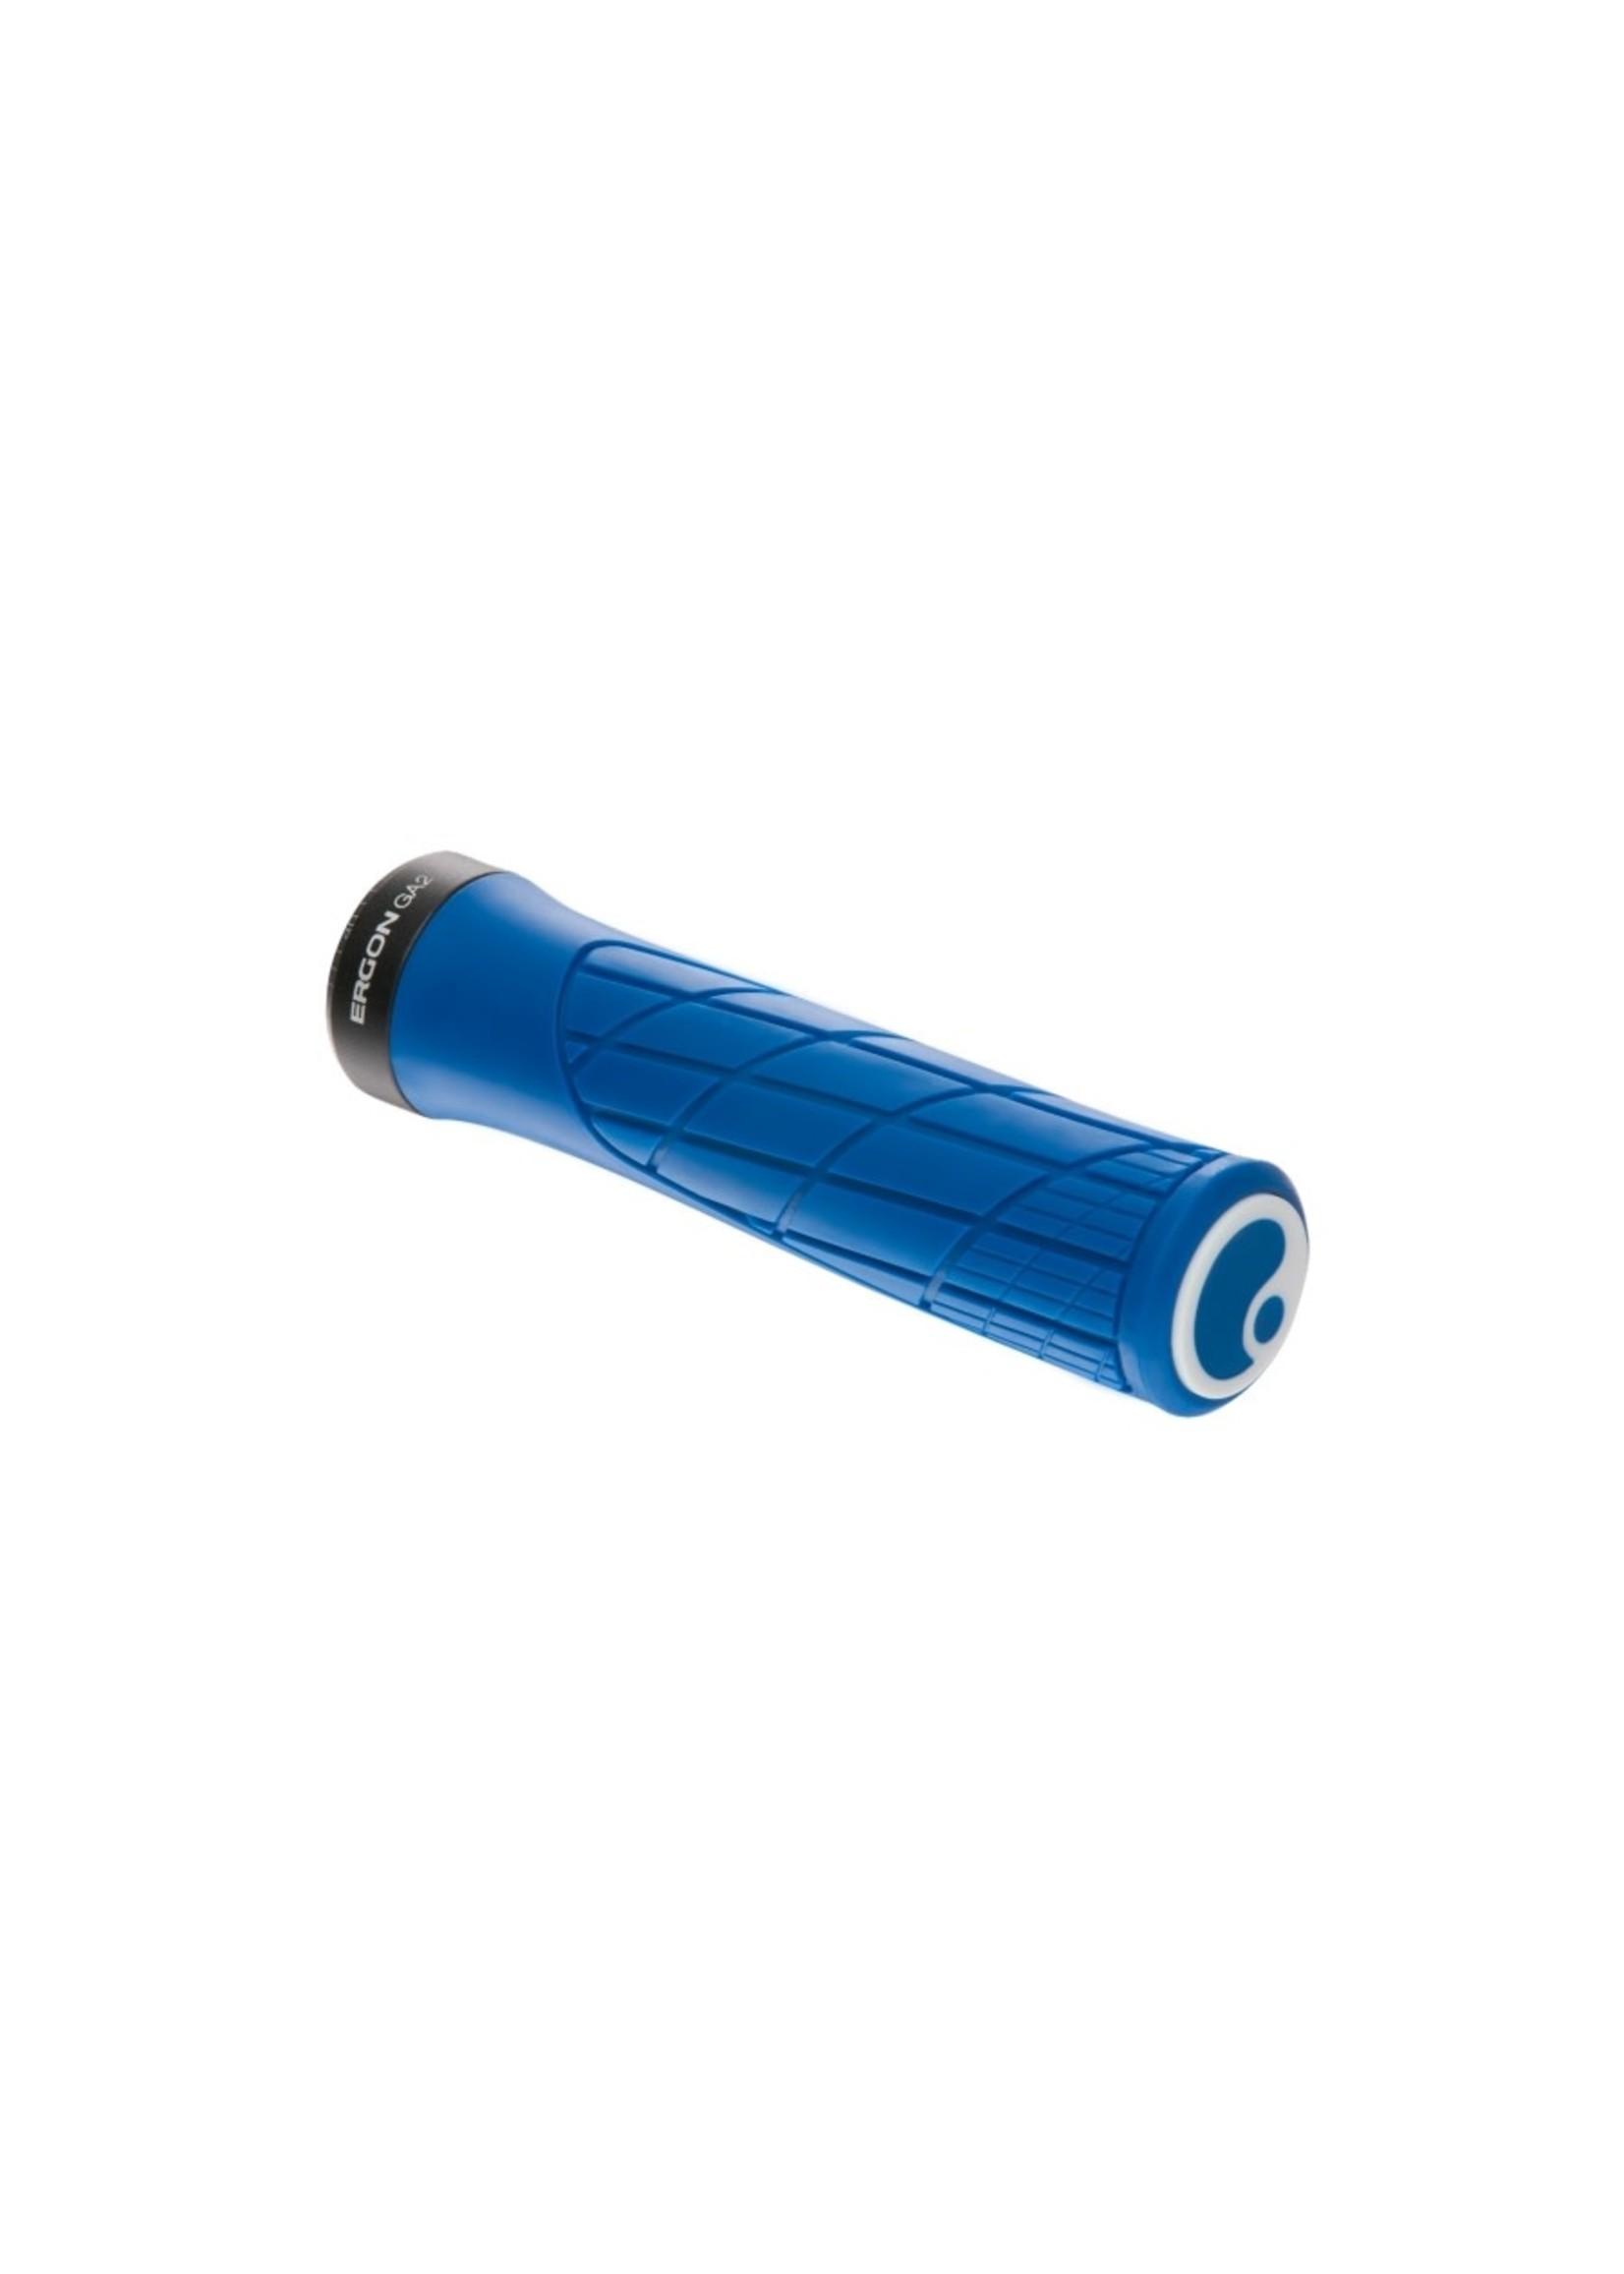 Ergon GA2 Light Blue / Standard